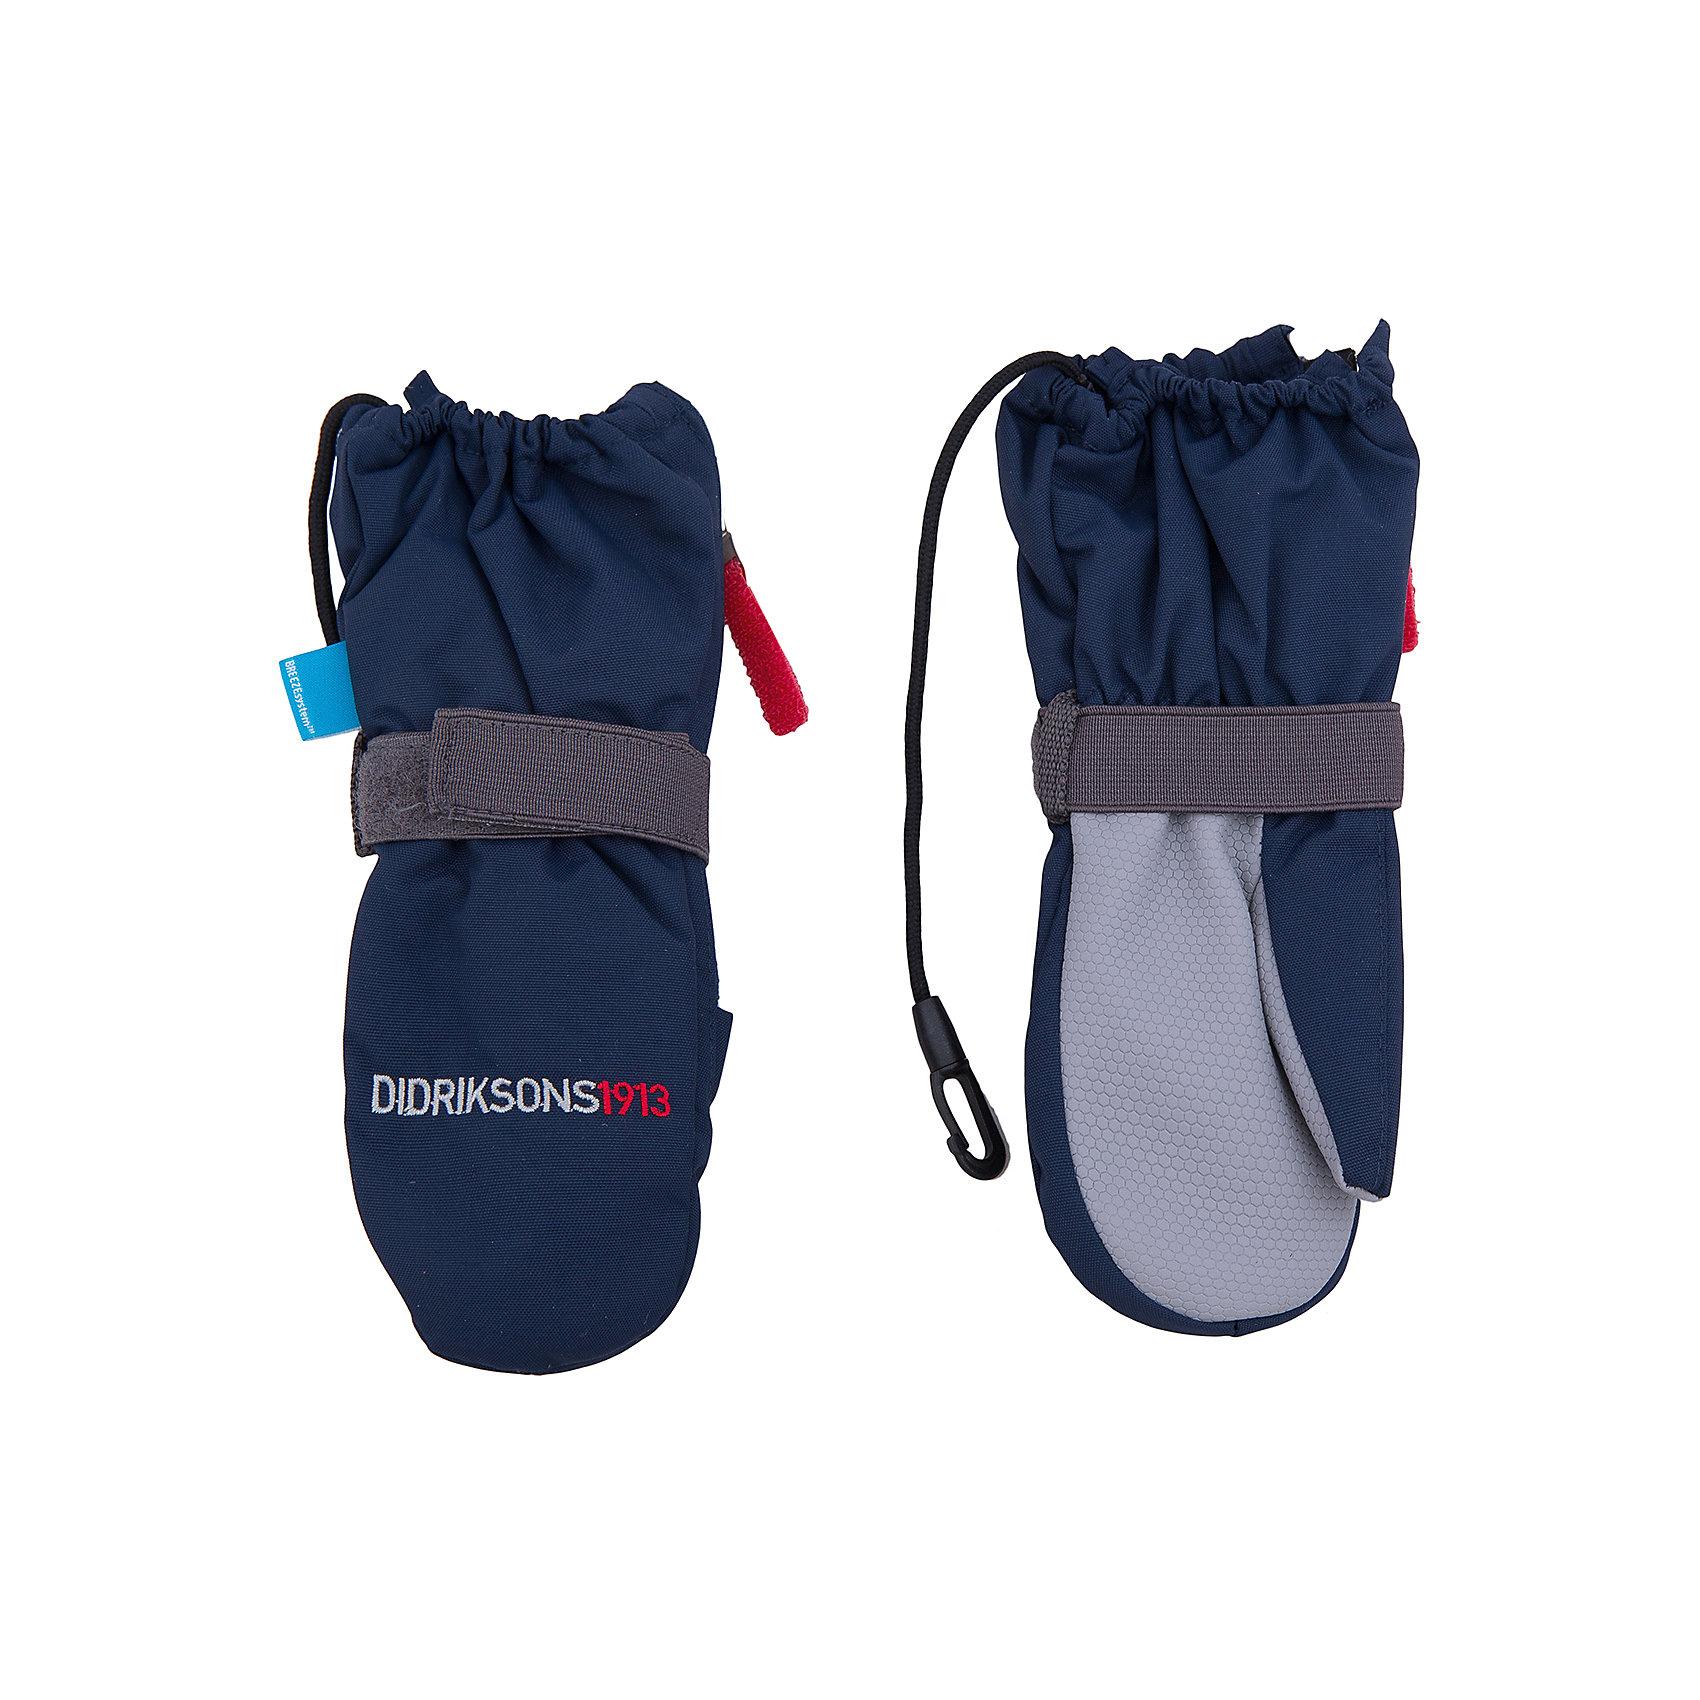 Варежки Biggles Zip DIDRIKSONSХарактеристики товара:<br><br>• цвет: синий<br>• материал: 100% полиамид, подкладка 100% полиэстер<br>• утеплитель: 60 г/м<br>• сезон: зима<br>• температурный режим от +5°до -20°С<br>• непромокаемая и непродуваемая мембранная ткань<br>• подкладка из флиса<br>• регуляторы объема<br>• шнур для пристегивания<br>• боковая молния<br>• внутренняя сторона отделана прорезиненной тканью против скольжения<br>• светоотражающие детали<br>• страна бренда: Швеция<br>• страна производства: Китай<br><br>Такие теплые варежки обязательно нужны ребенку, который собирается наслаждаться зимним отдыхом! Это не только стильно, но еще и очень комфортно, а также тепло. Эти качественные варежки обеспечат ребенку удобство при прогулках и активном отдыхе зимой. Такая модель от шведского производителя отлично смотрится с разной верхней одеждой.<br>Варежки сшиты из мембранной ткани, которая позволяет телу дышать, но при этом не промокает и не продувается. Очень стильная и удобная модель! Изделие качественно выполнено, сделано из безопасных для детей материалов. <br><br>Варежки от бренда DIDRIKSONS можно купить в нашем интернет-магазине.<br><br>Ширина мм: 162<br>Глубина мм: 171<br>Высота мм: 55<br>Вес г: 119<br>Цвет: синий<br>Возраст от месяцев: 8<br>Возраст до месяцев: 24<br>Пол: Мужской<br>Возраст: Детский<br>Размер: 0/1,0/1,1/2<br>SKU: 5003832